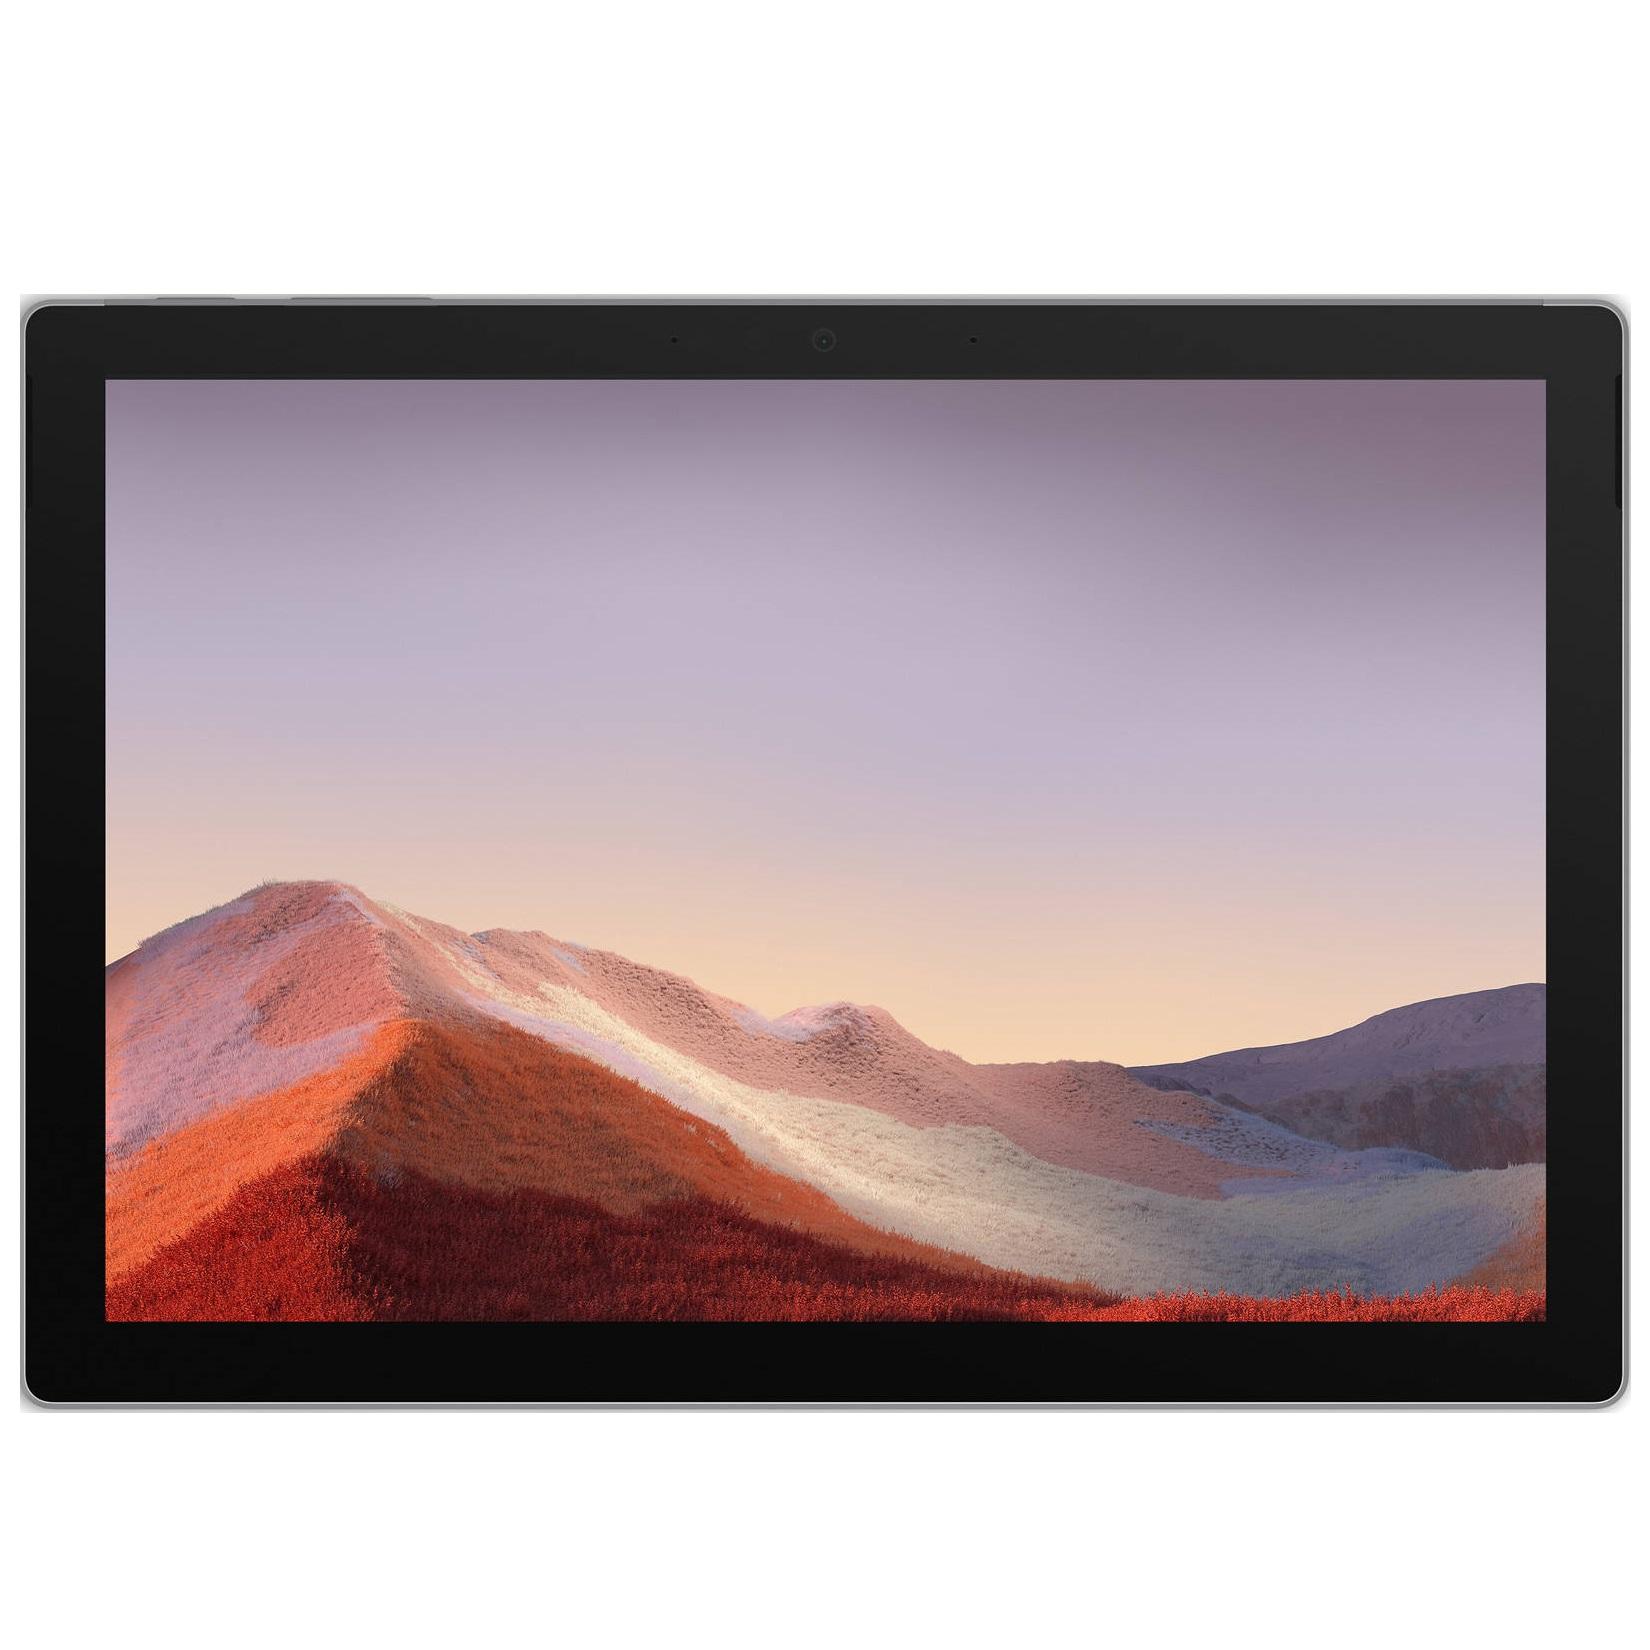 فروش نقدی و اقساطی تبلت مایکروسافت مدل Surface Pro 7 - G ظرفیت 1 ترابایت